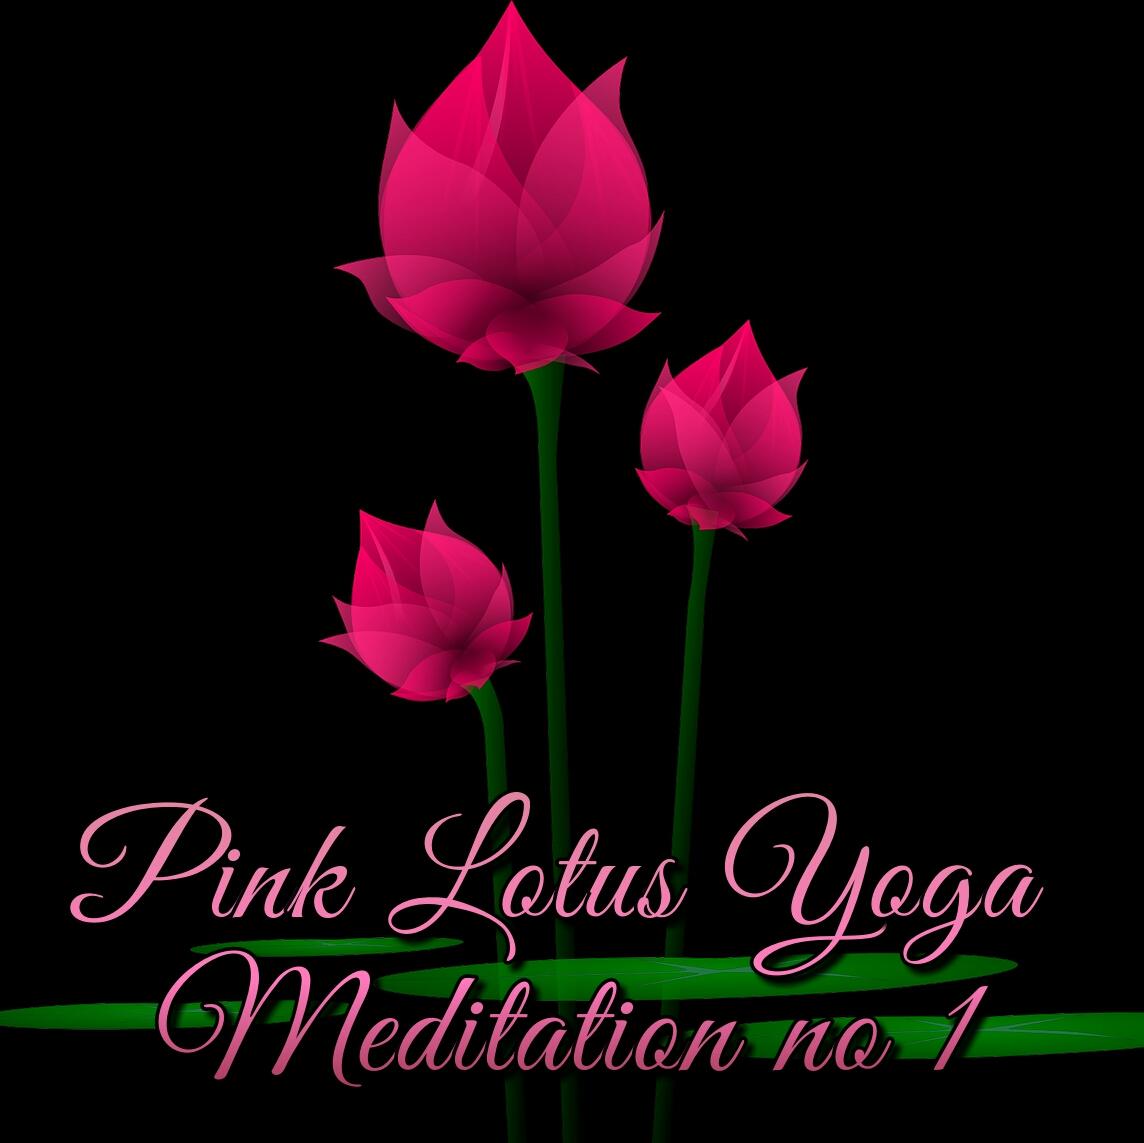 Pink lotus yoga meditation no1 mp3 music download music2relax relax to pink lotus yoga meditation no1 the perfect relaxing mp3 music download specially designed to encourage and enhance meditation yoga mightylinksfo